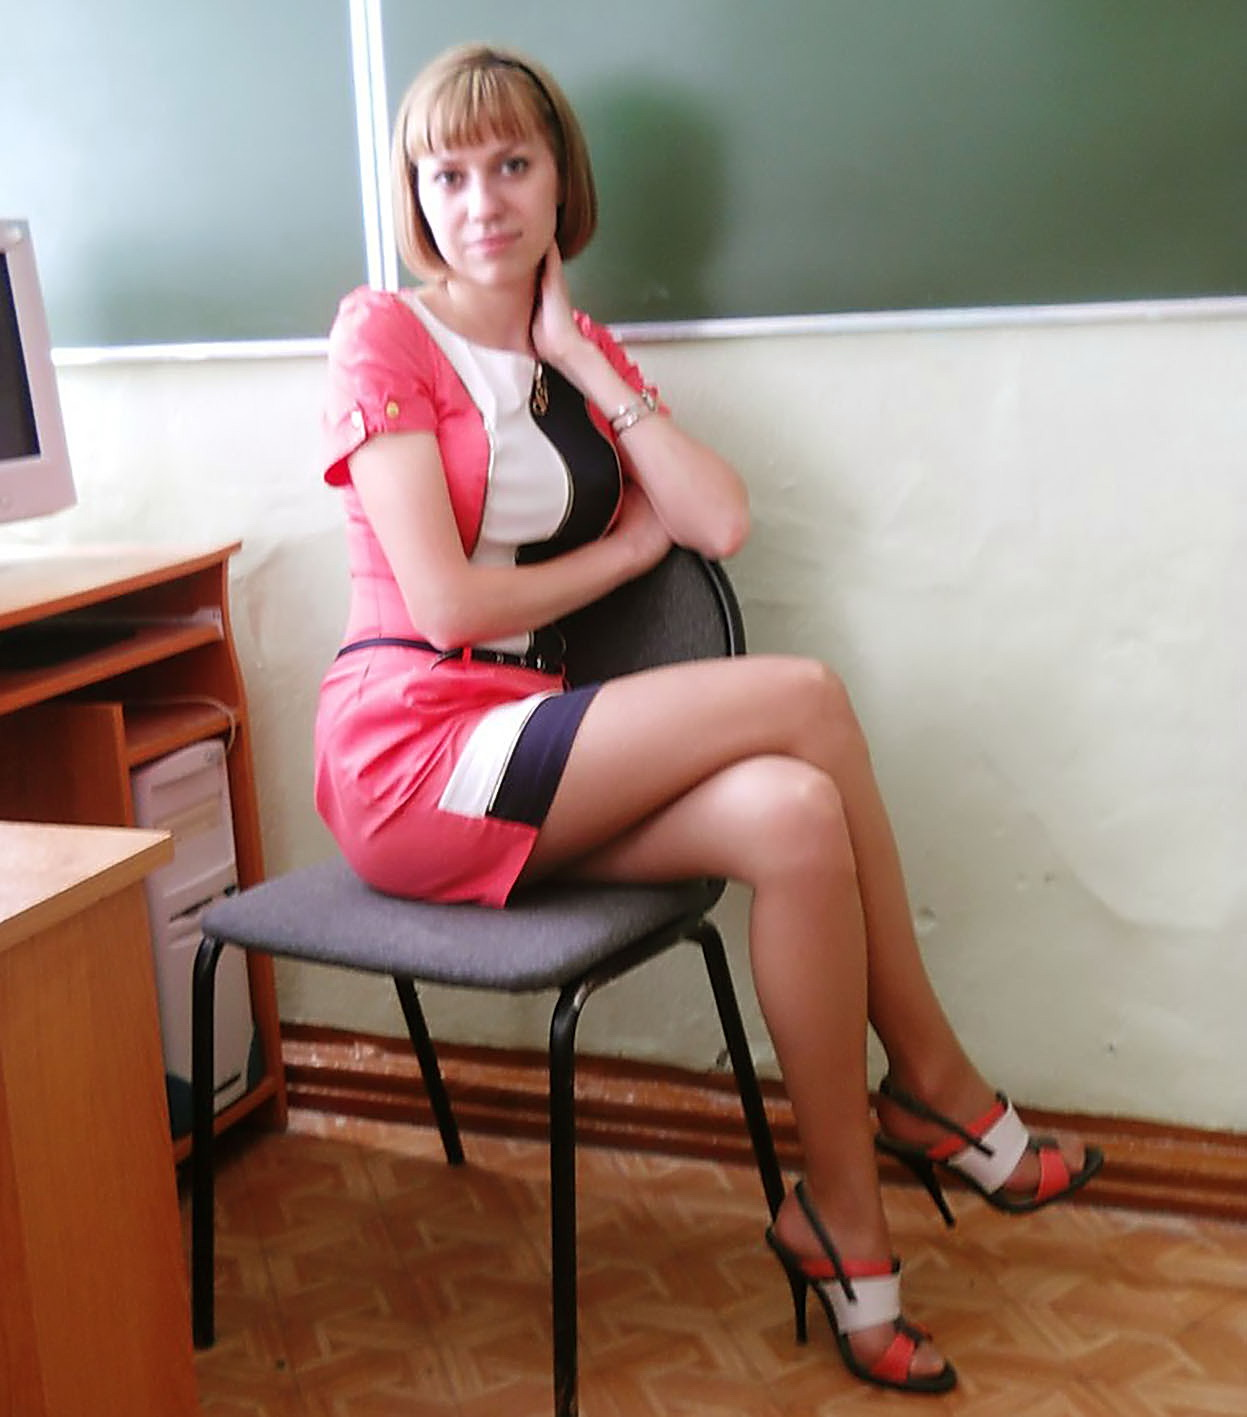 チンコを誘ってる海外の女教師のエロ画像集(35枚)・31枚目